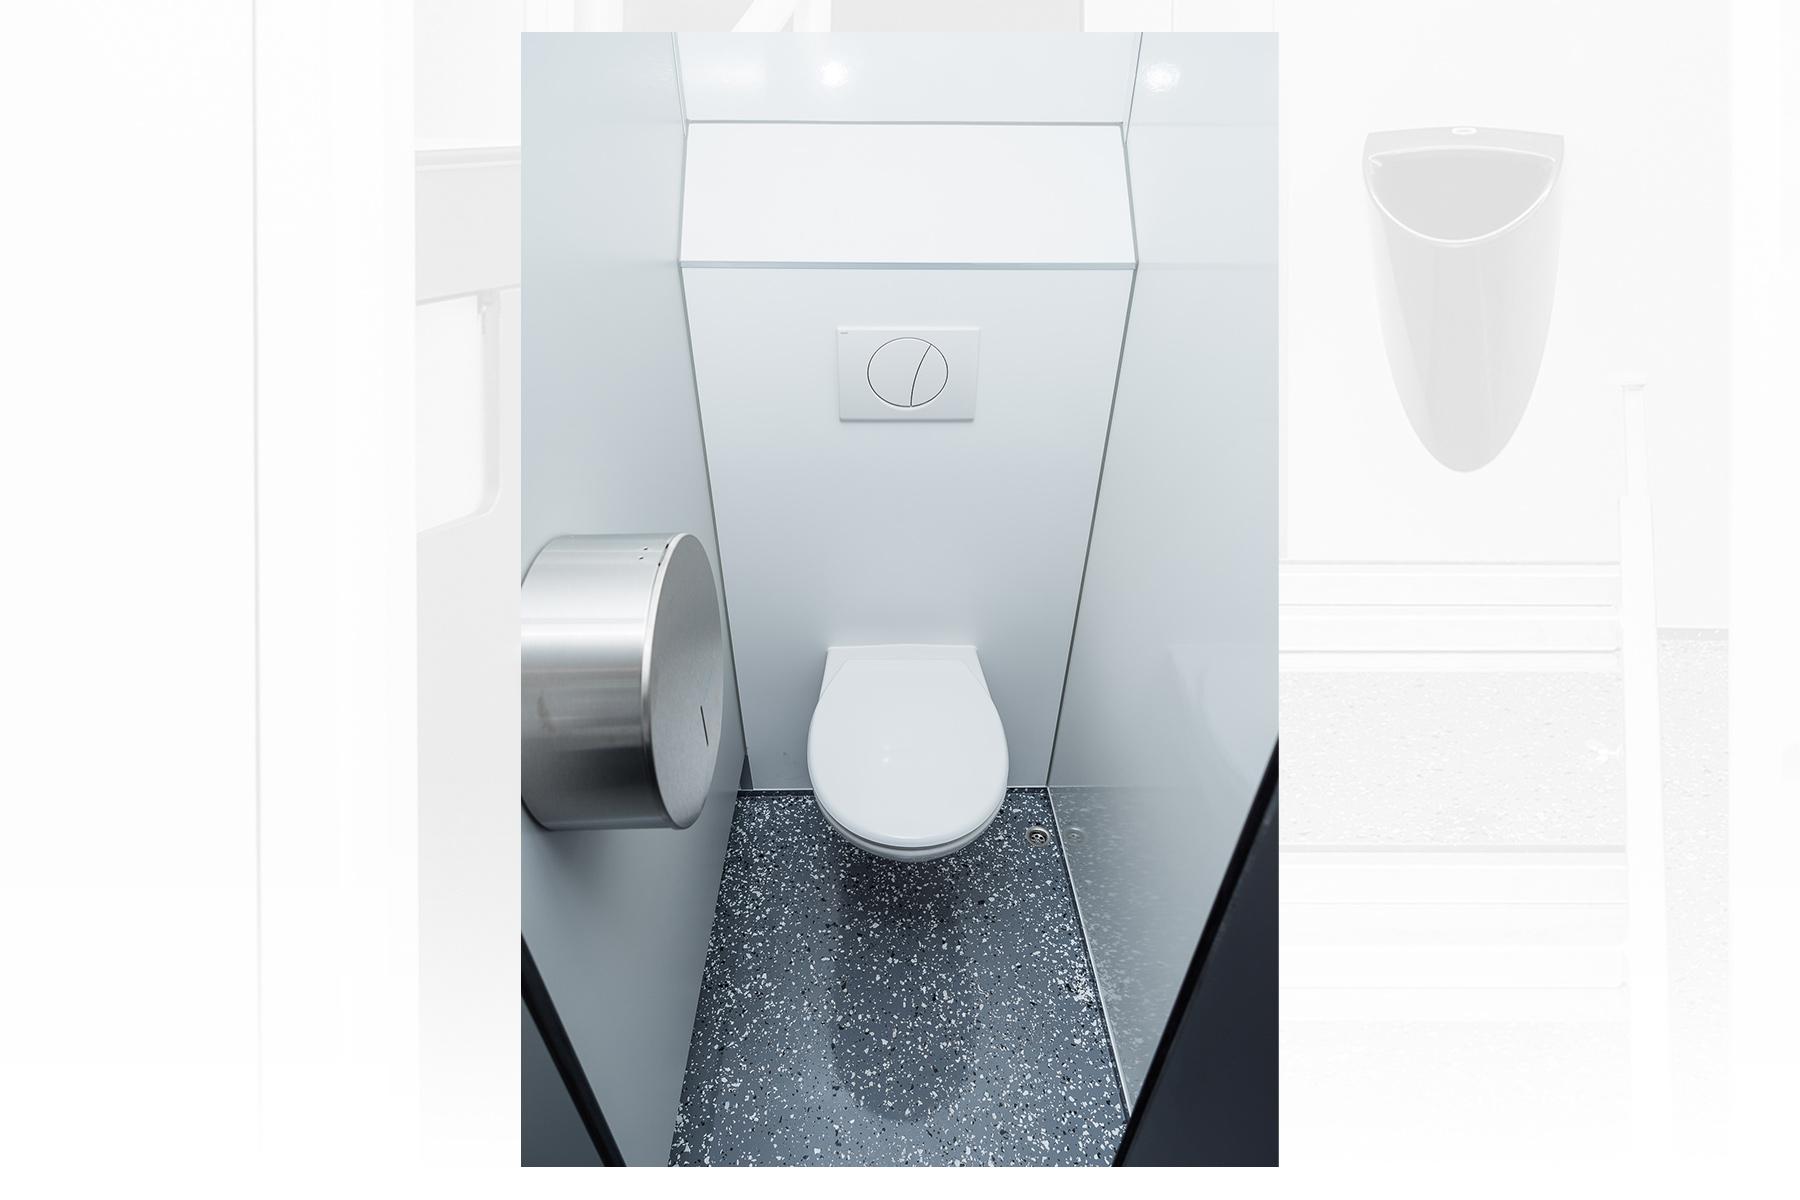 toilettenwagen globaliner 313 toilettenwagen globaliner interieur wc